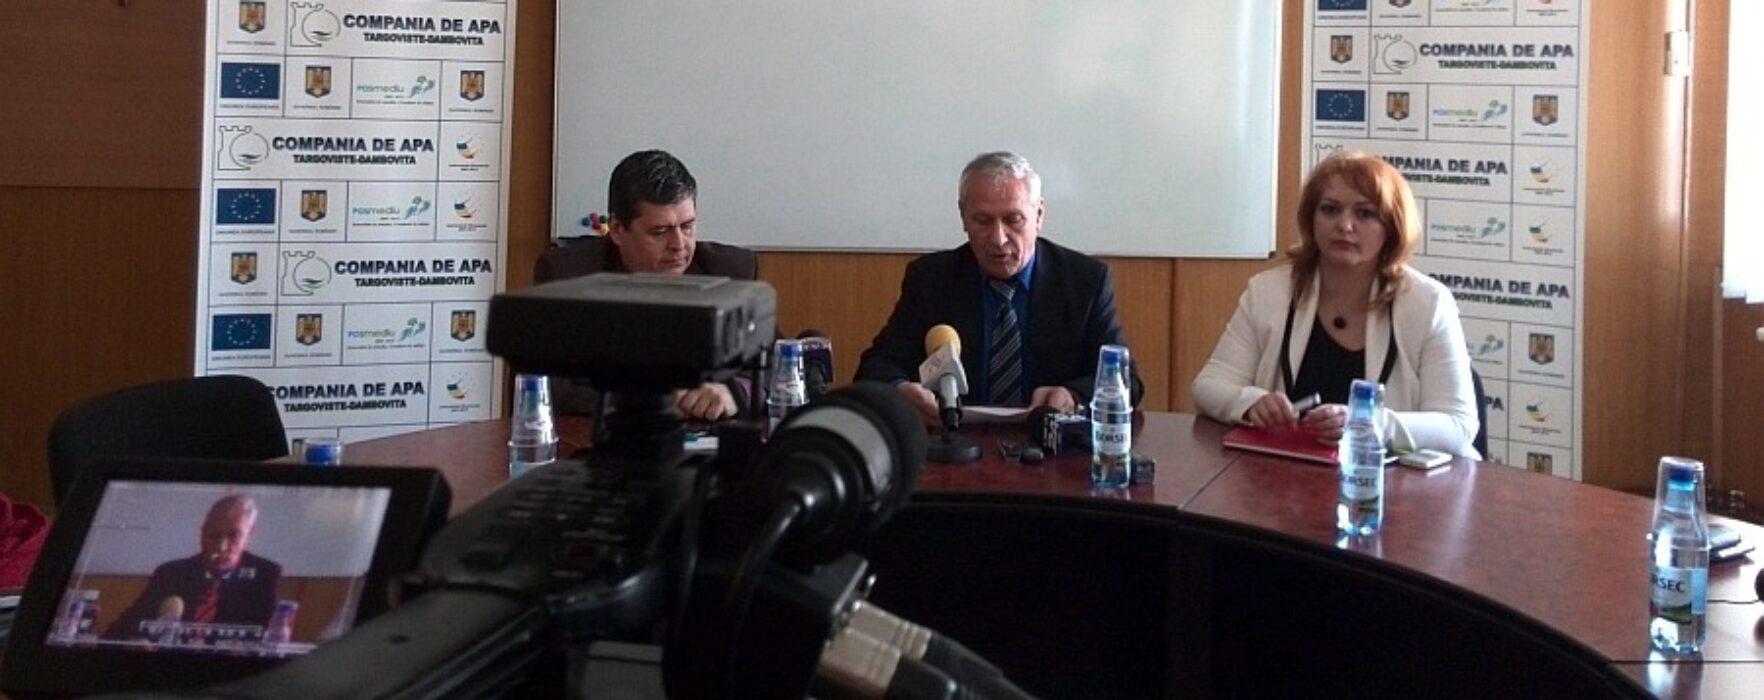 Atacuri nefondate la adresa Companiei de Apă Târgovişte-Dâmboviţa, susţine conducerea societăţii